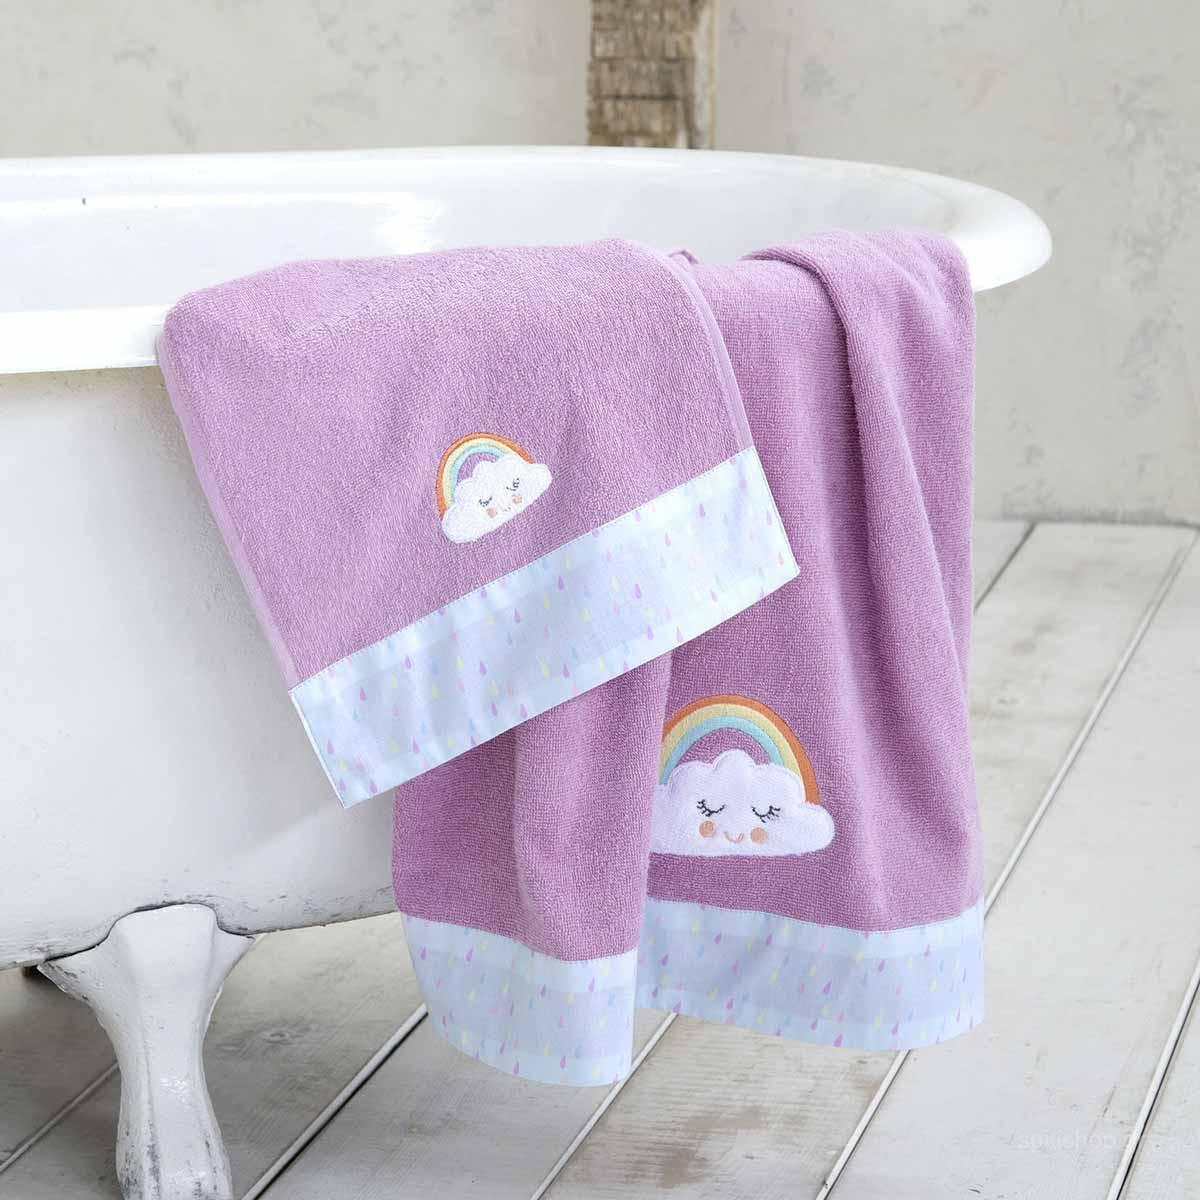 Παιδικές Πετσέτες (Σετ 3τμχ) Nima Kids Pawnee home   παιδικά   πετσέτες παιδικές